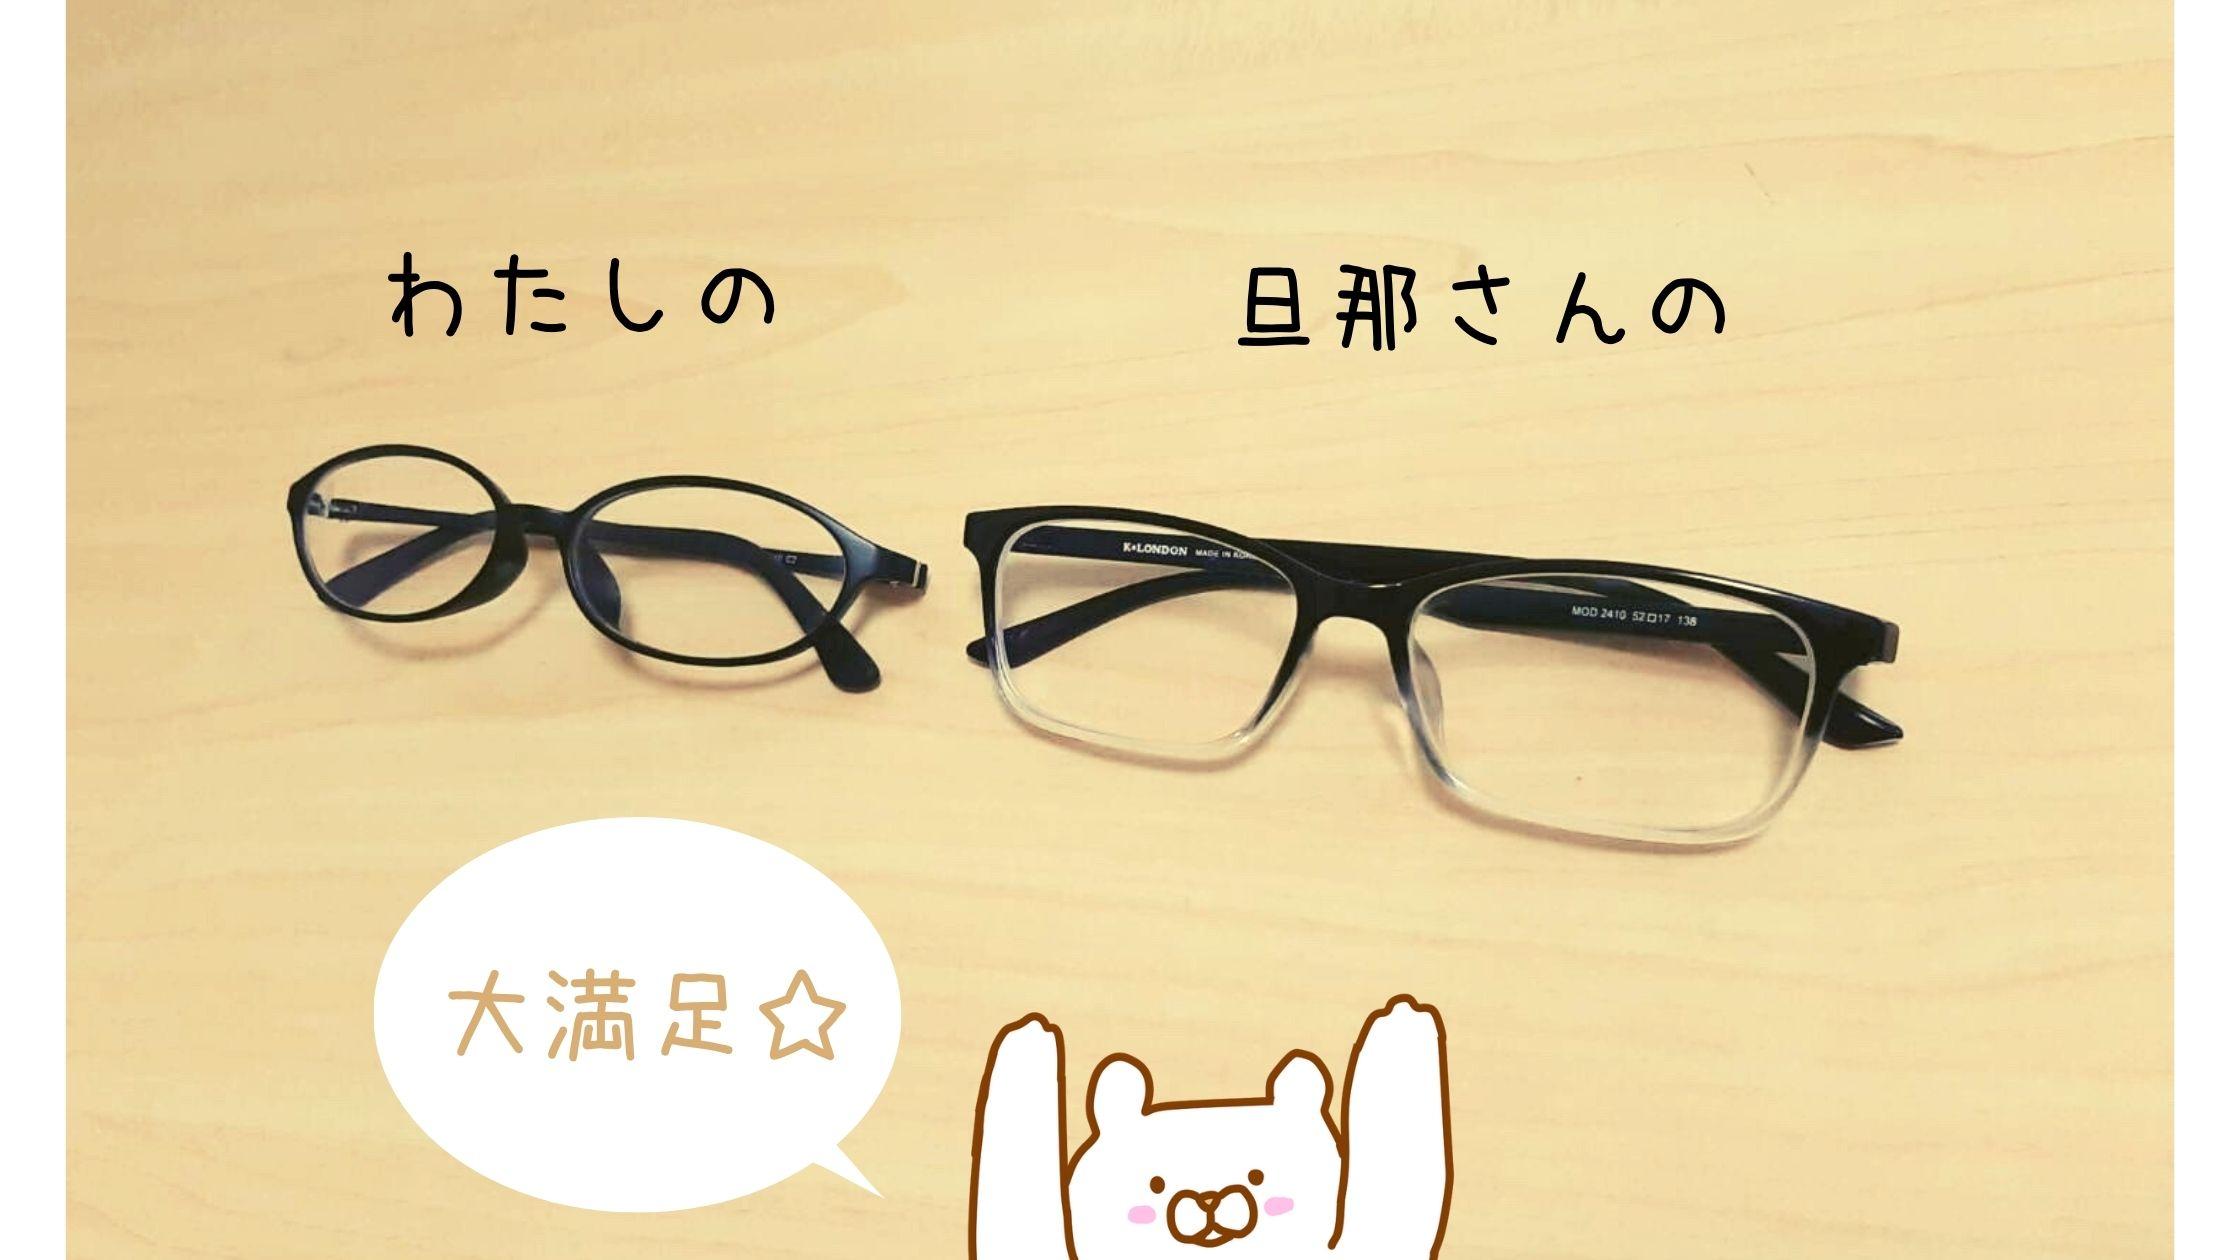 メガネはネットで安く買う5